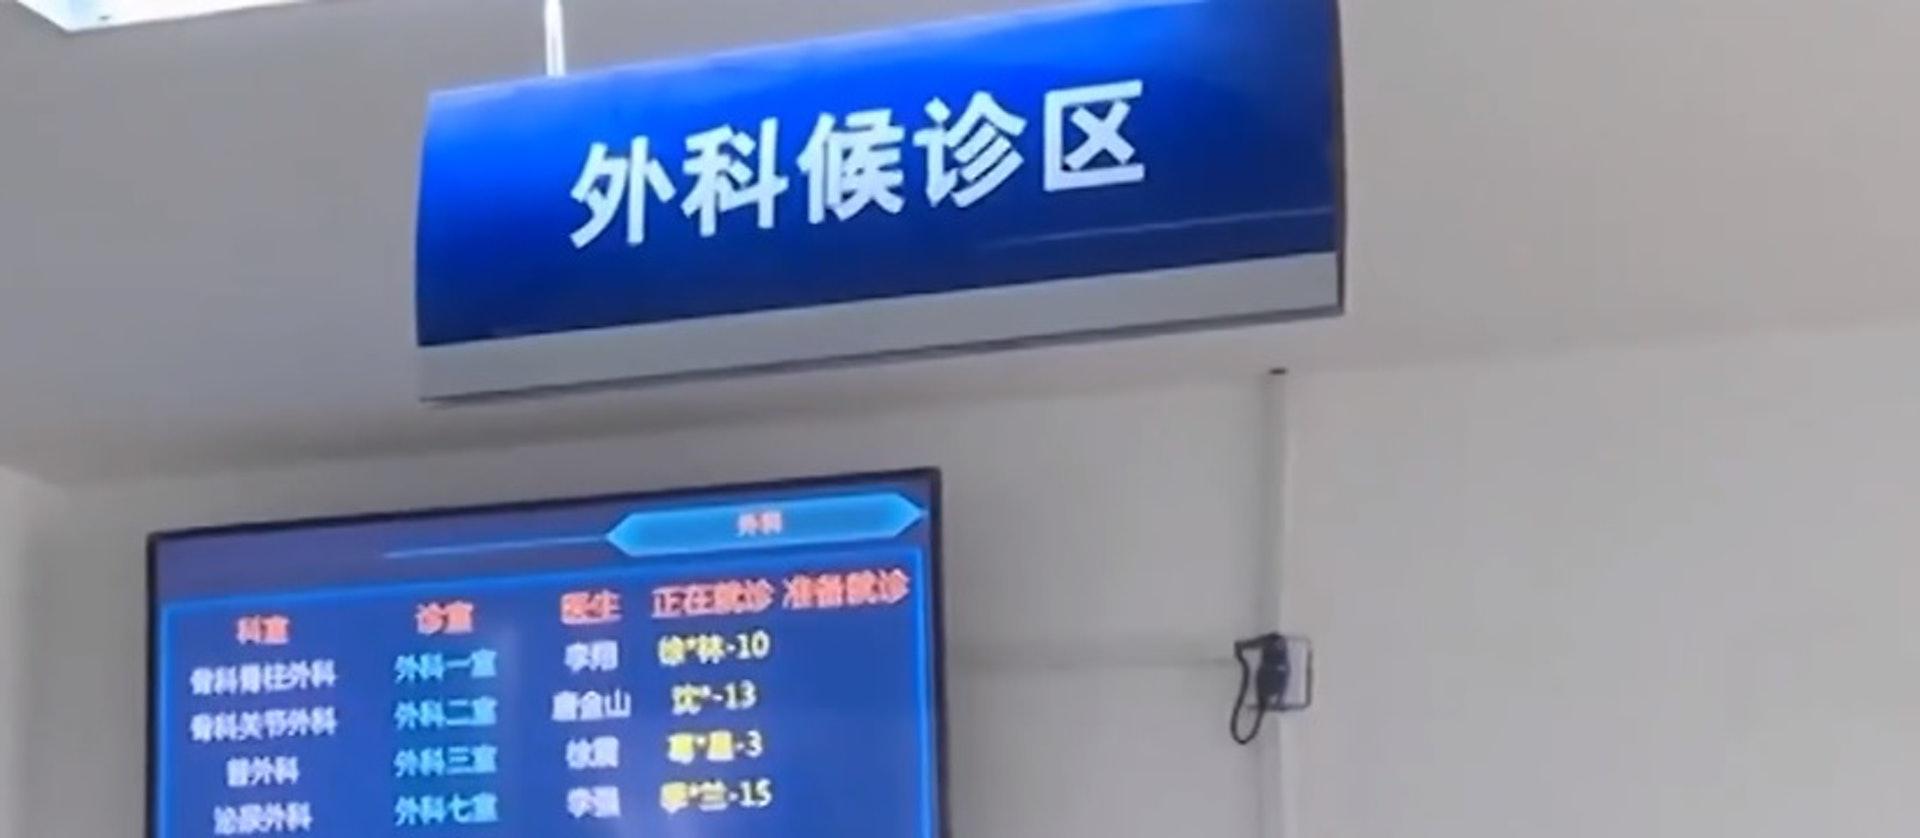 王磊認為,只為了長高而去做斷骨增高手術,所付出的代價相當不值得。(微博影片截圖)